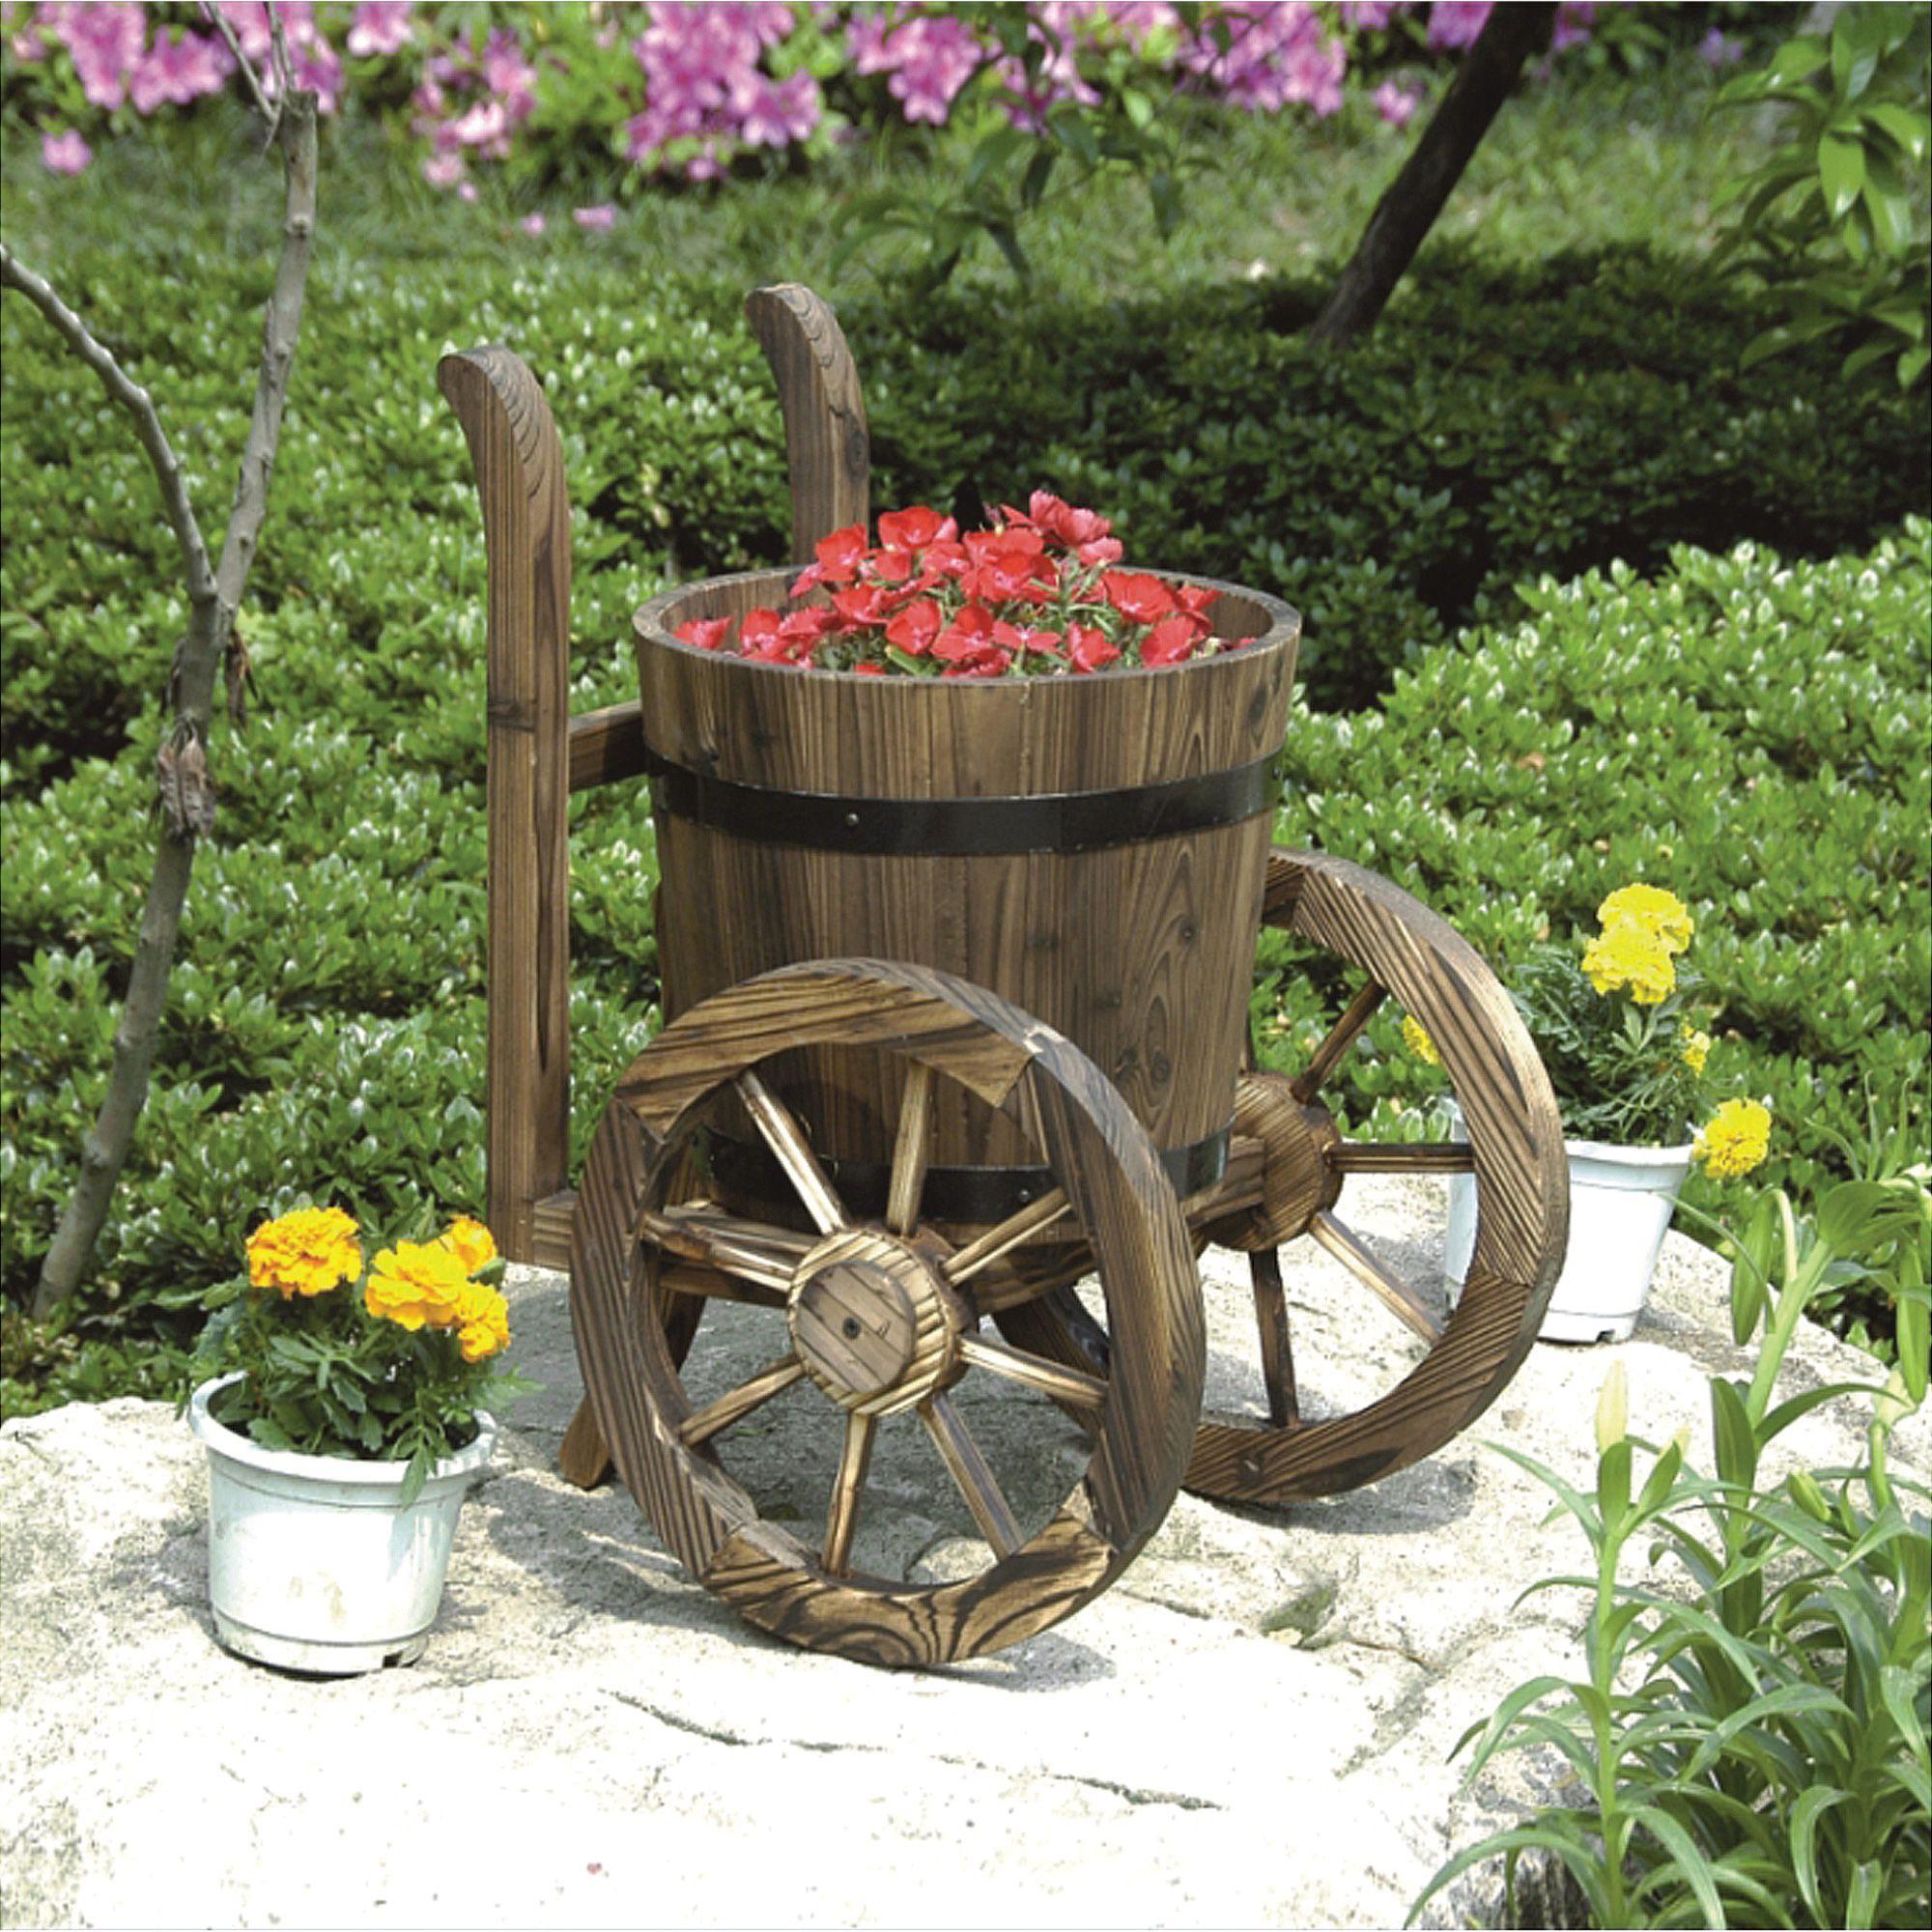 Stonegate Designs Wooden Barrel Planter — Model# DSL-1203 | Barrels ...